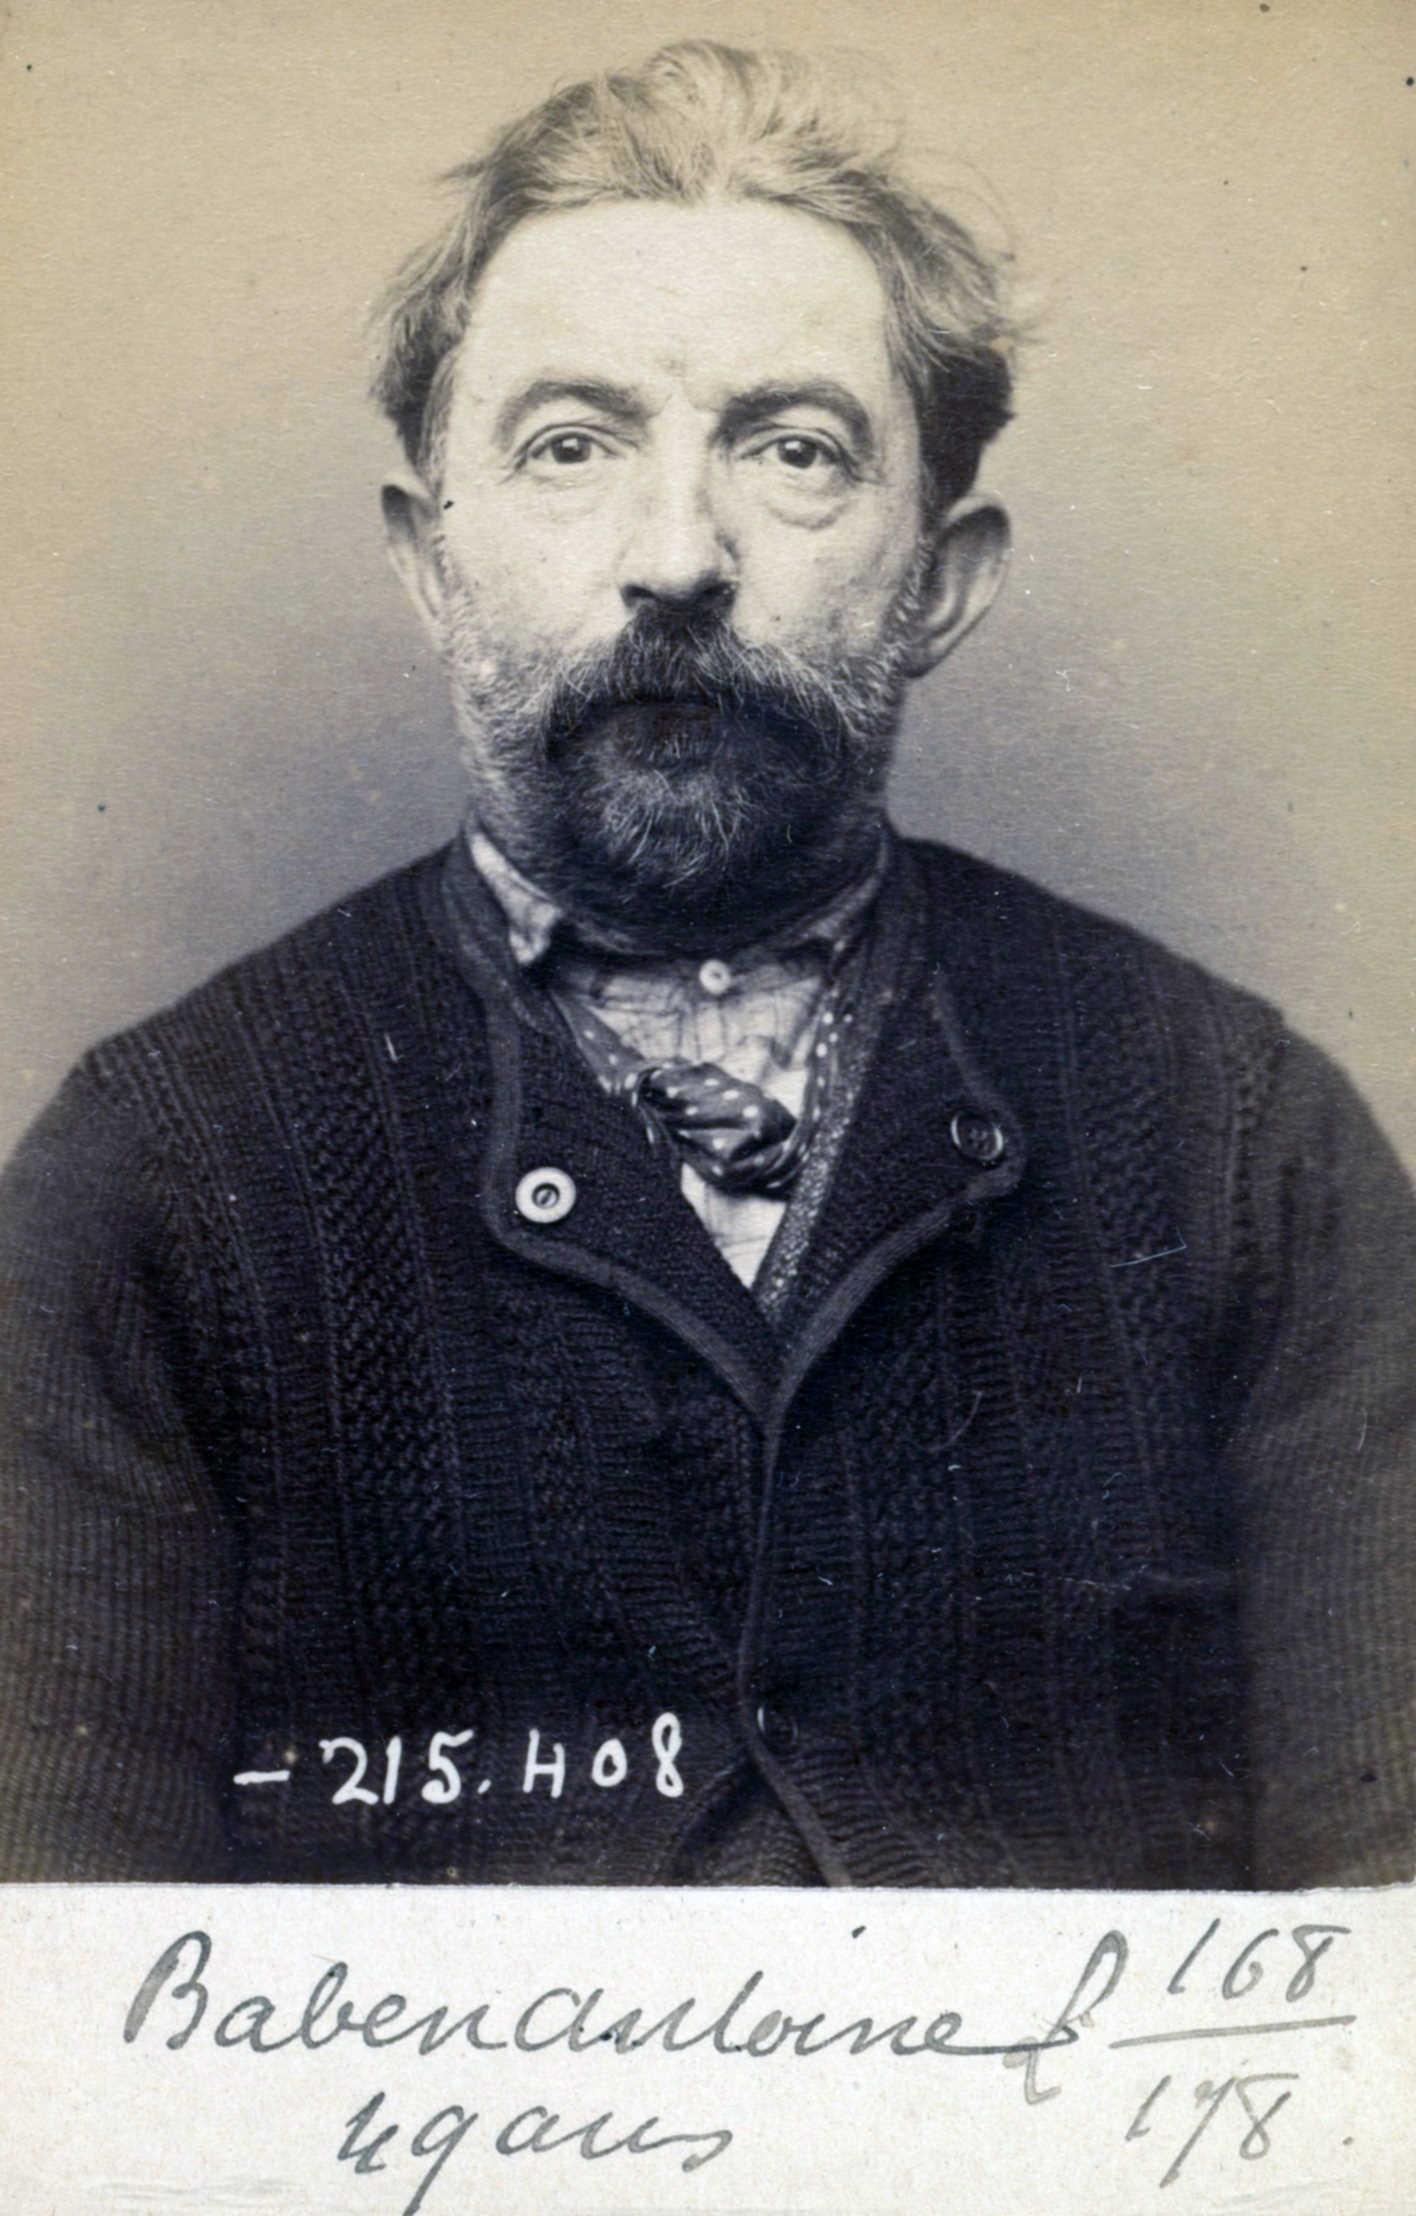 Foto policíaca d'Hippolyte Baben (9 de març de 1894)